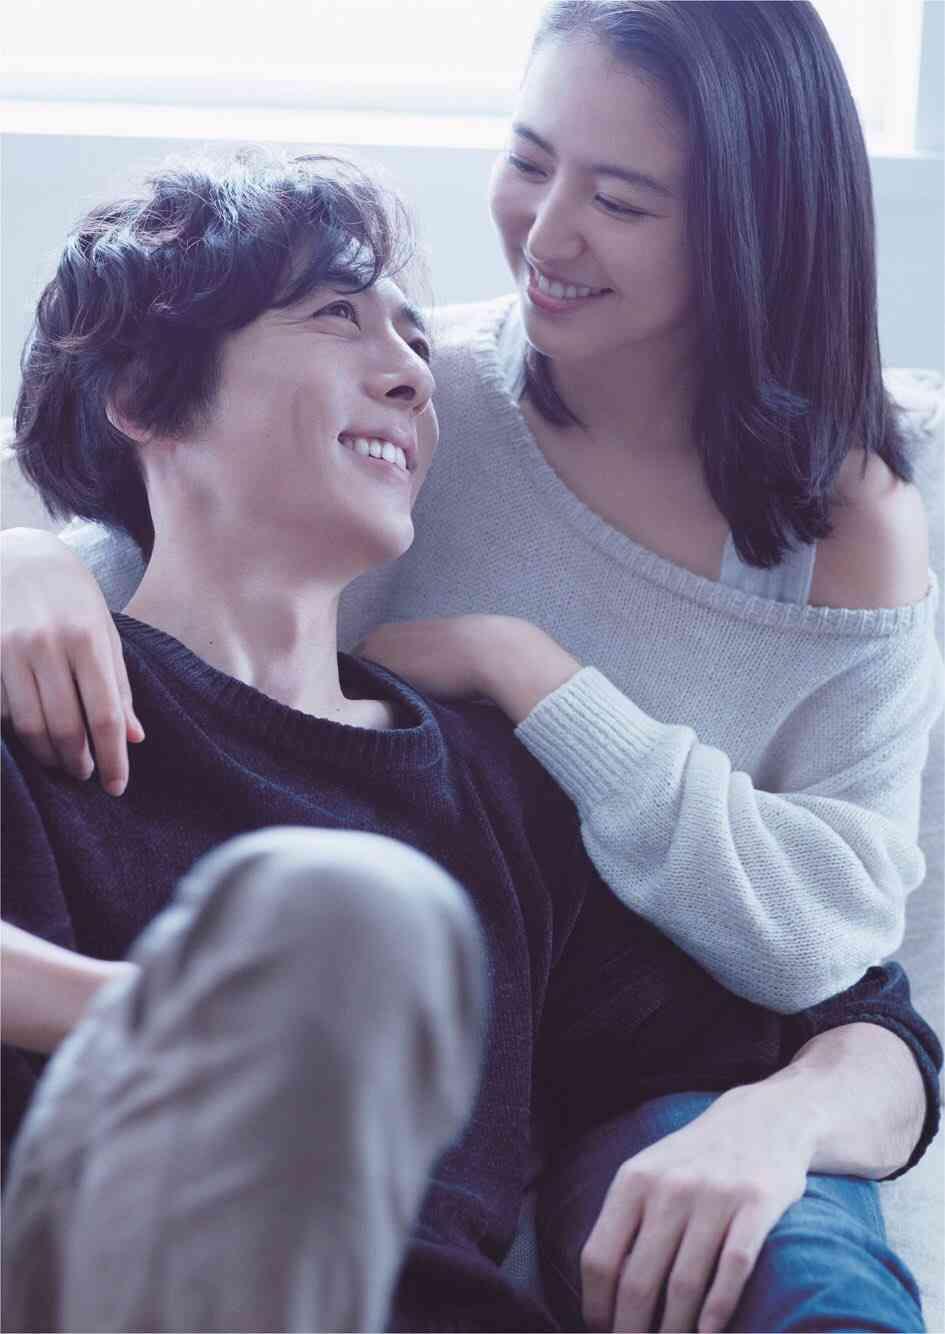 夫婦っぽい芸能人の画像を貼ろう